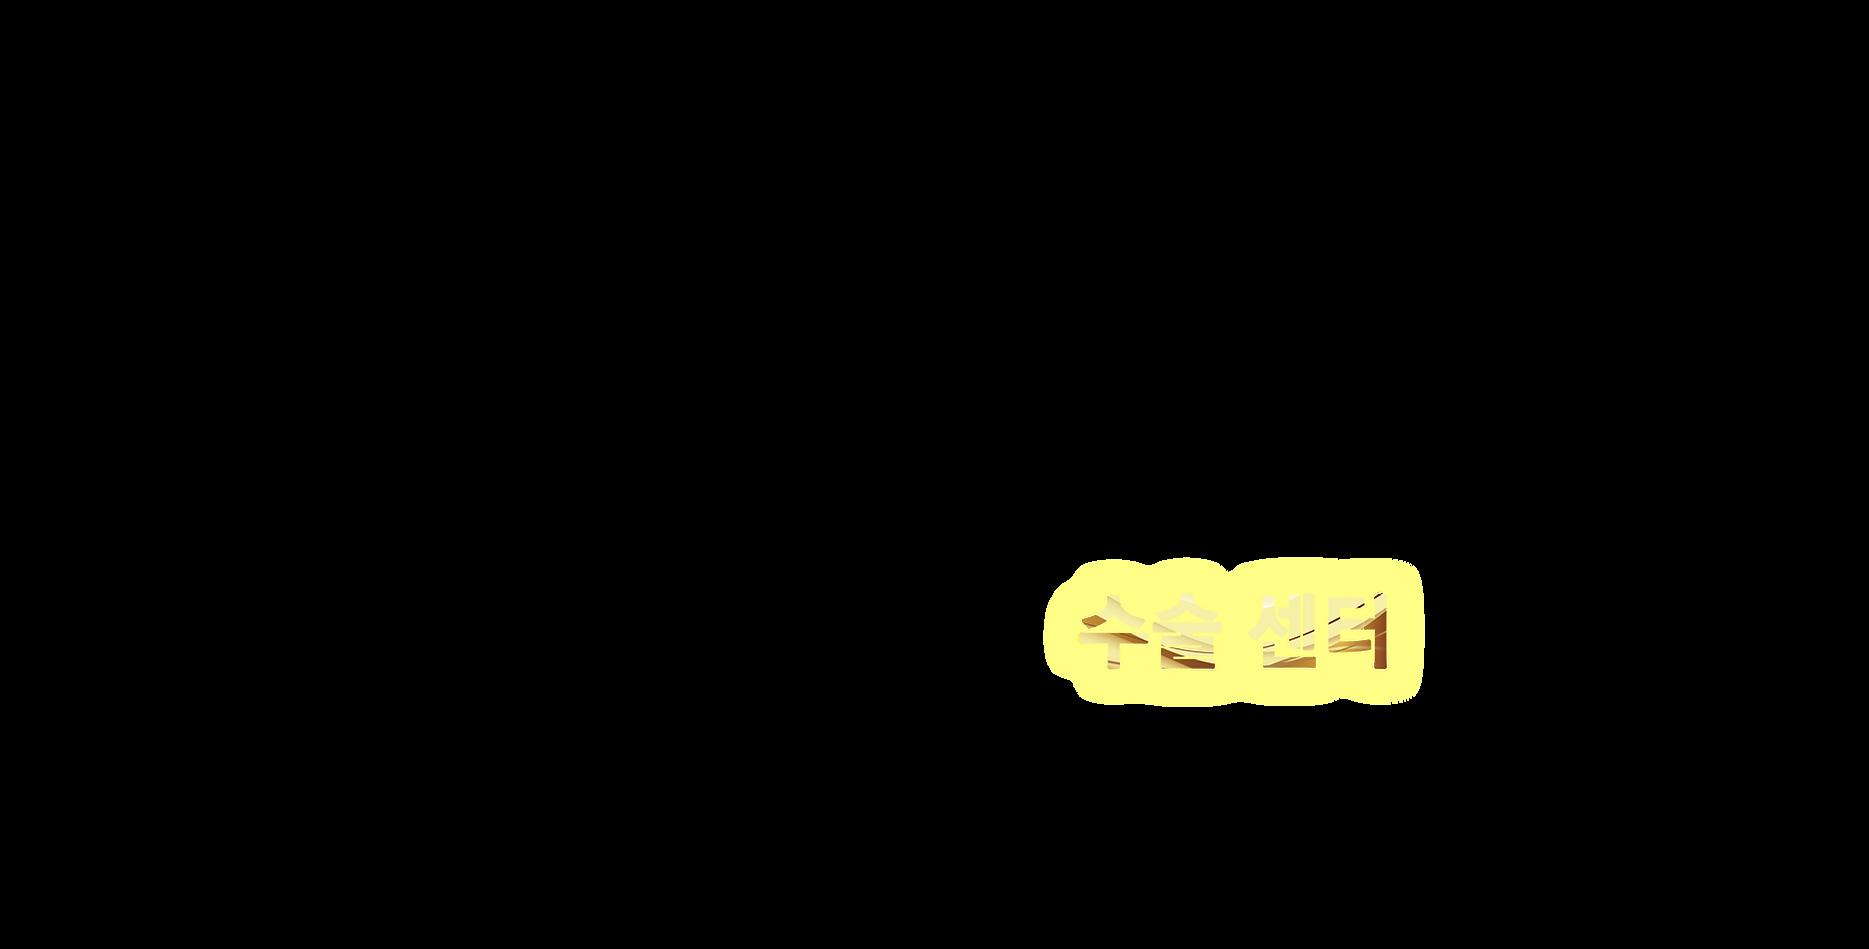 병원배너1_2.png